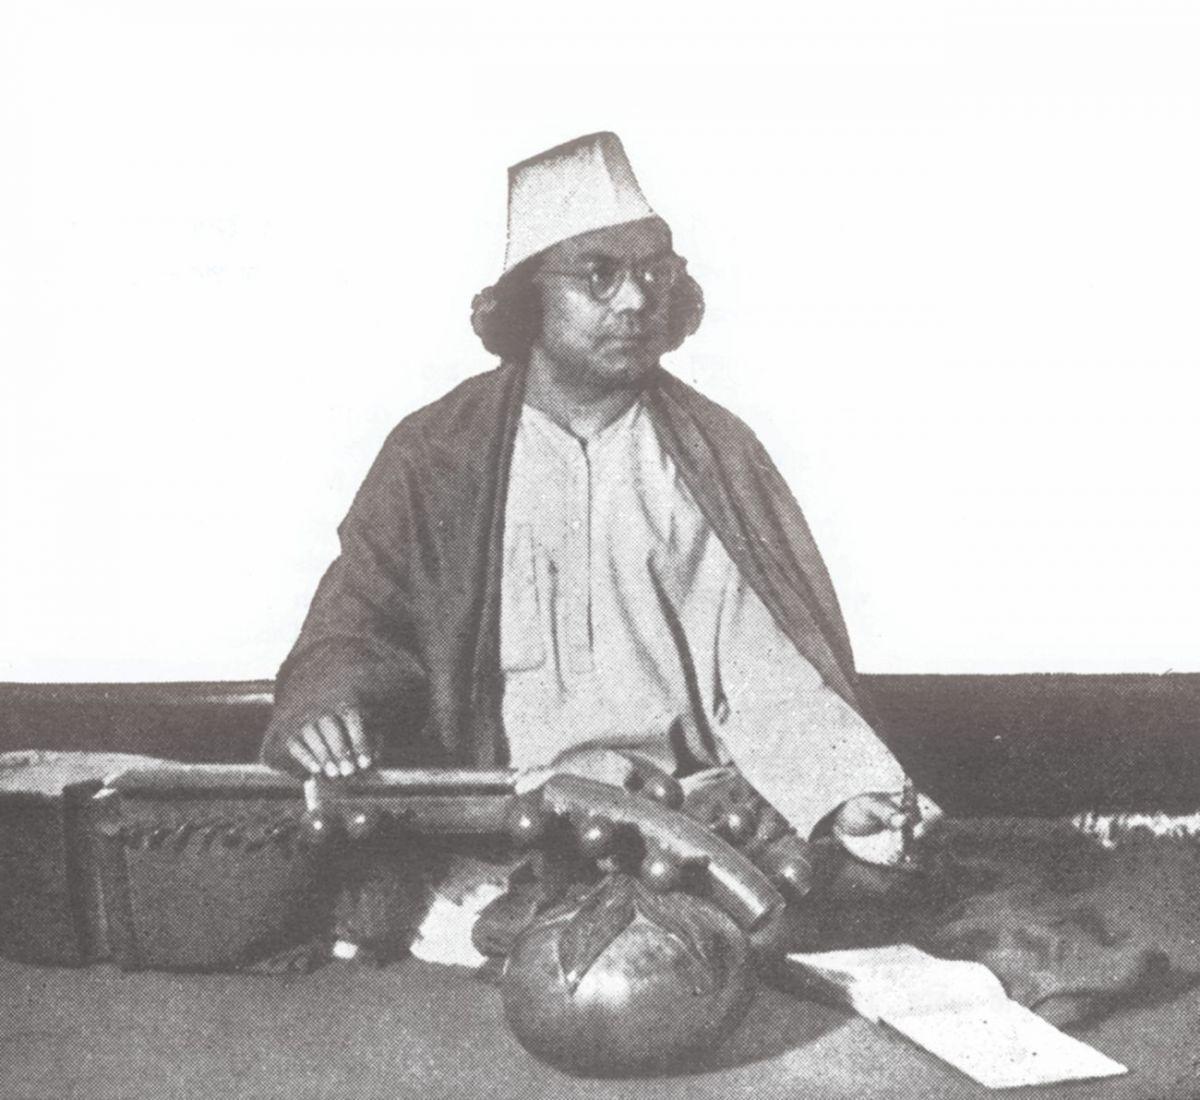 কাজী নজরুল ইসলাম। ছবি: দ্য ডেইলি স্টারের অনলাইন ভার্সন থিকা নেয়া।